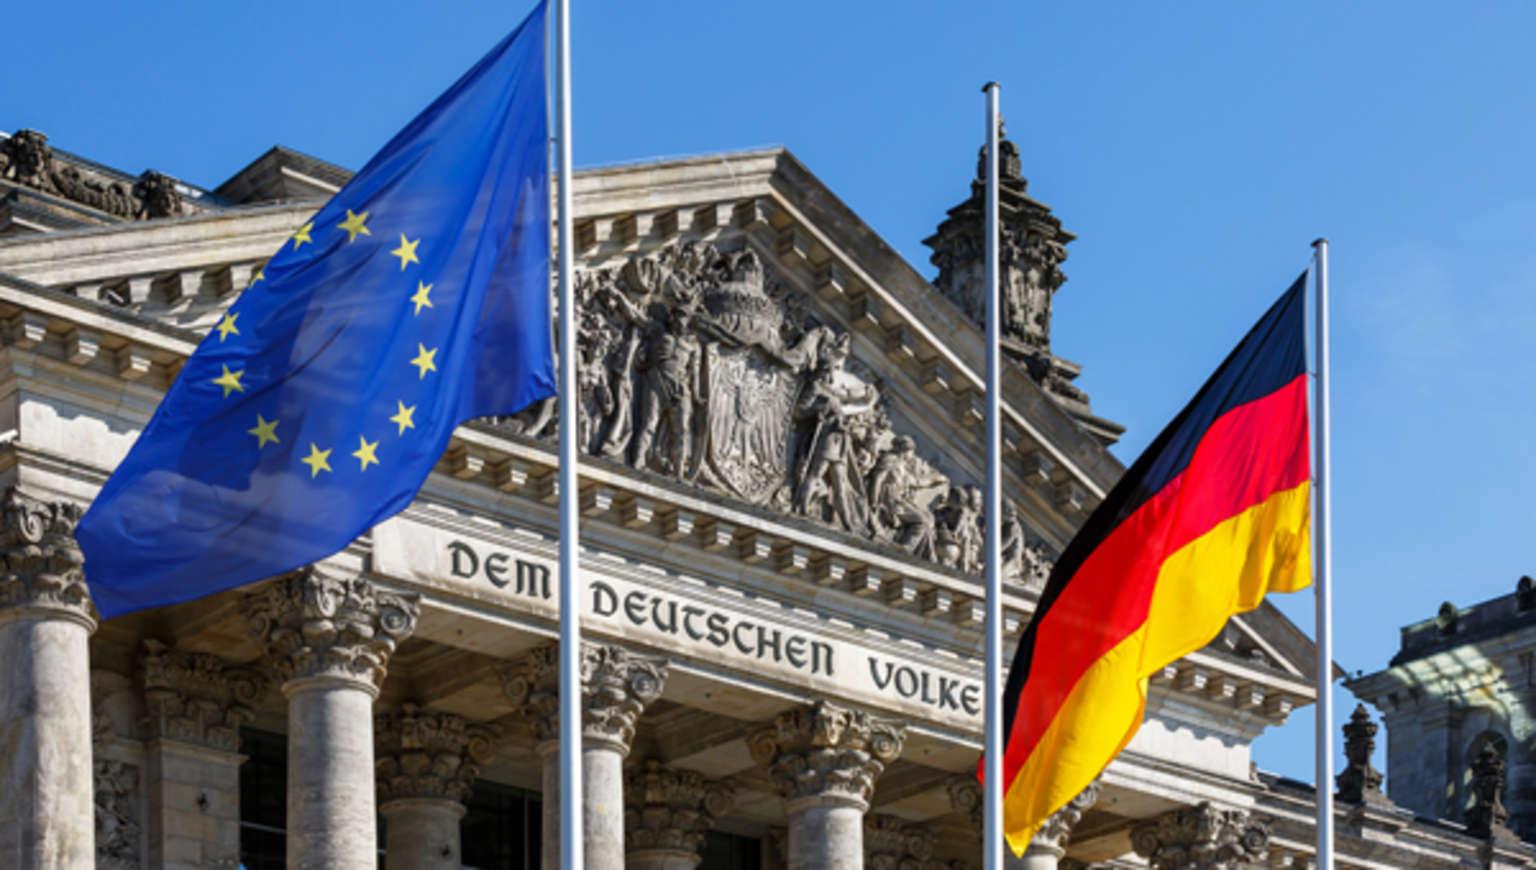 Elektronische Signaturen sind in Deutschland rechtsverbindlich